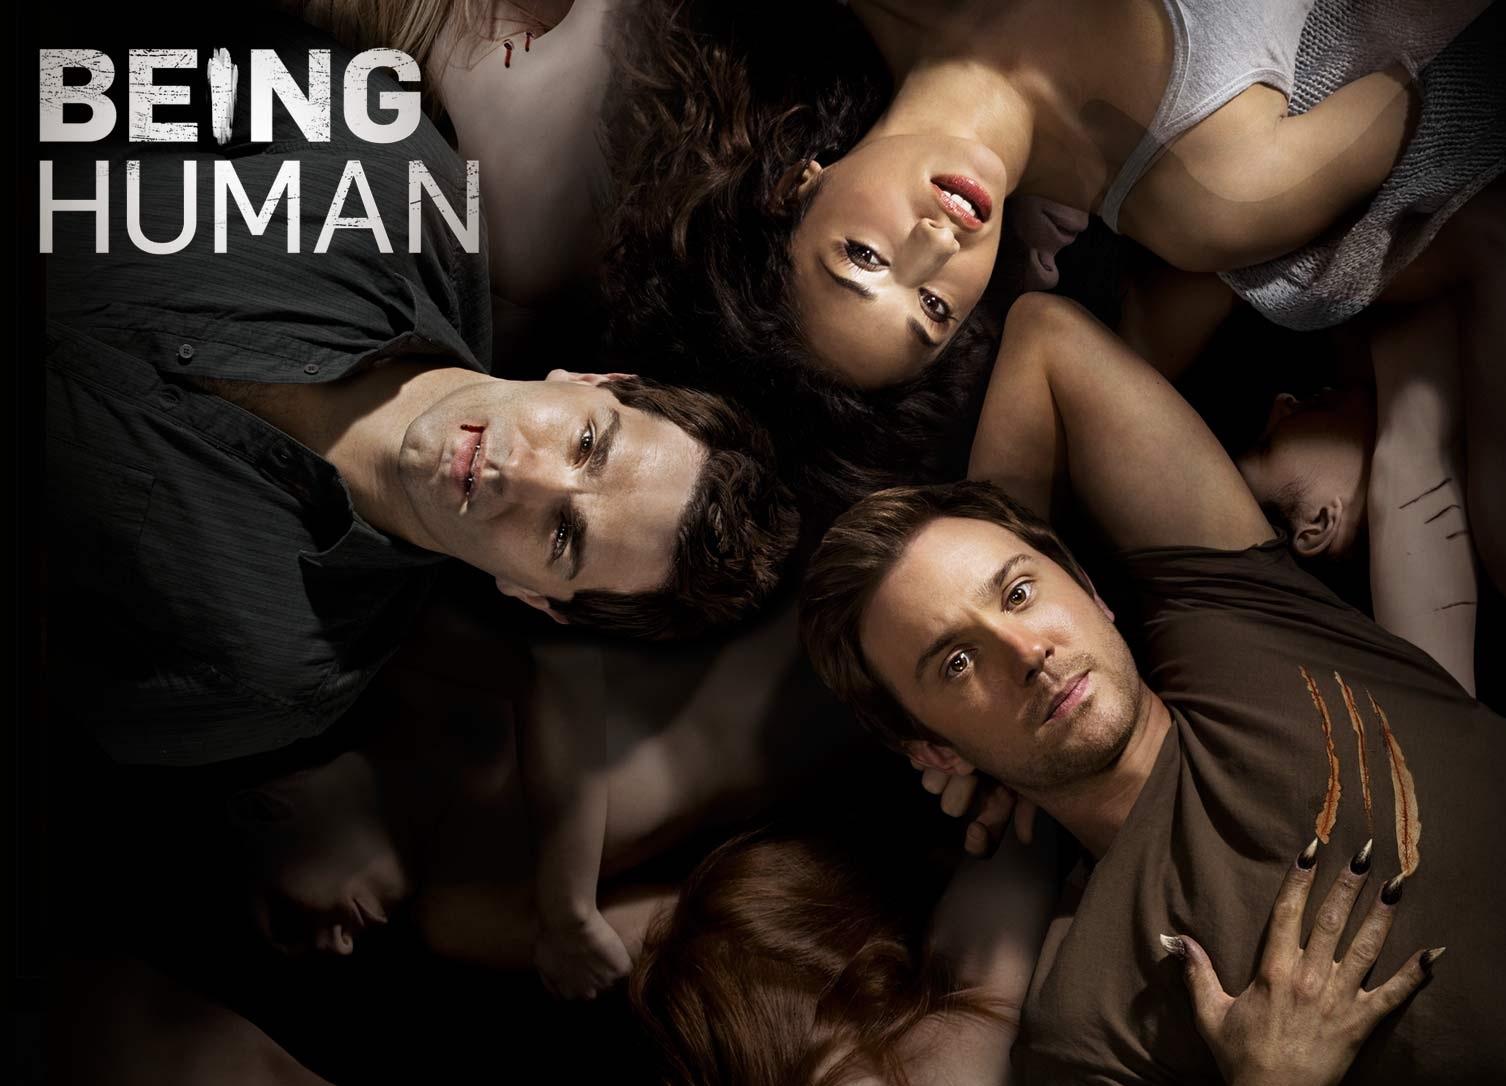 Being human season 3 episode 8 2011 - Being Human Season 3 Episode 8 2011 Being Human Season 4 First Look Being Human Download